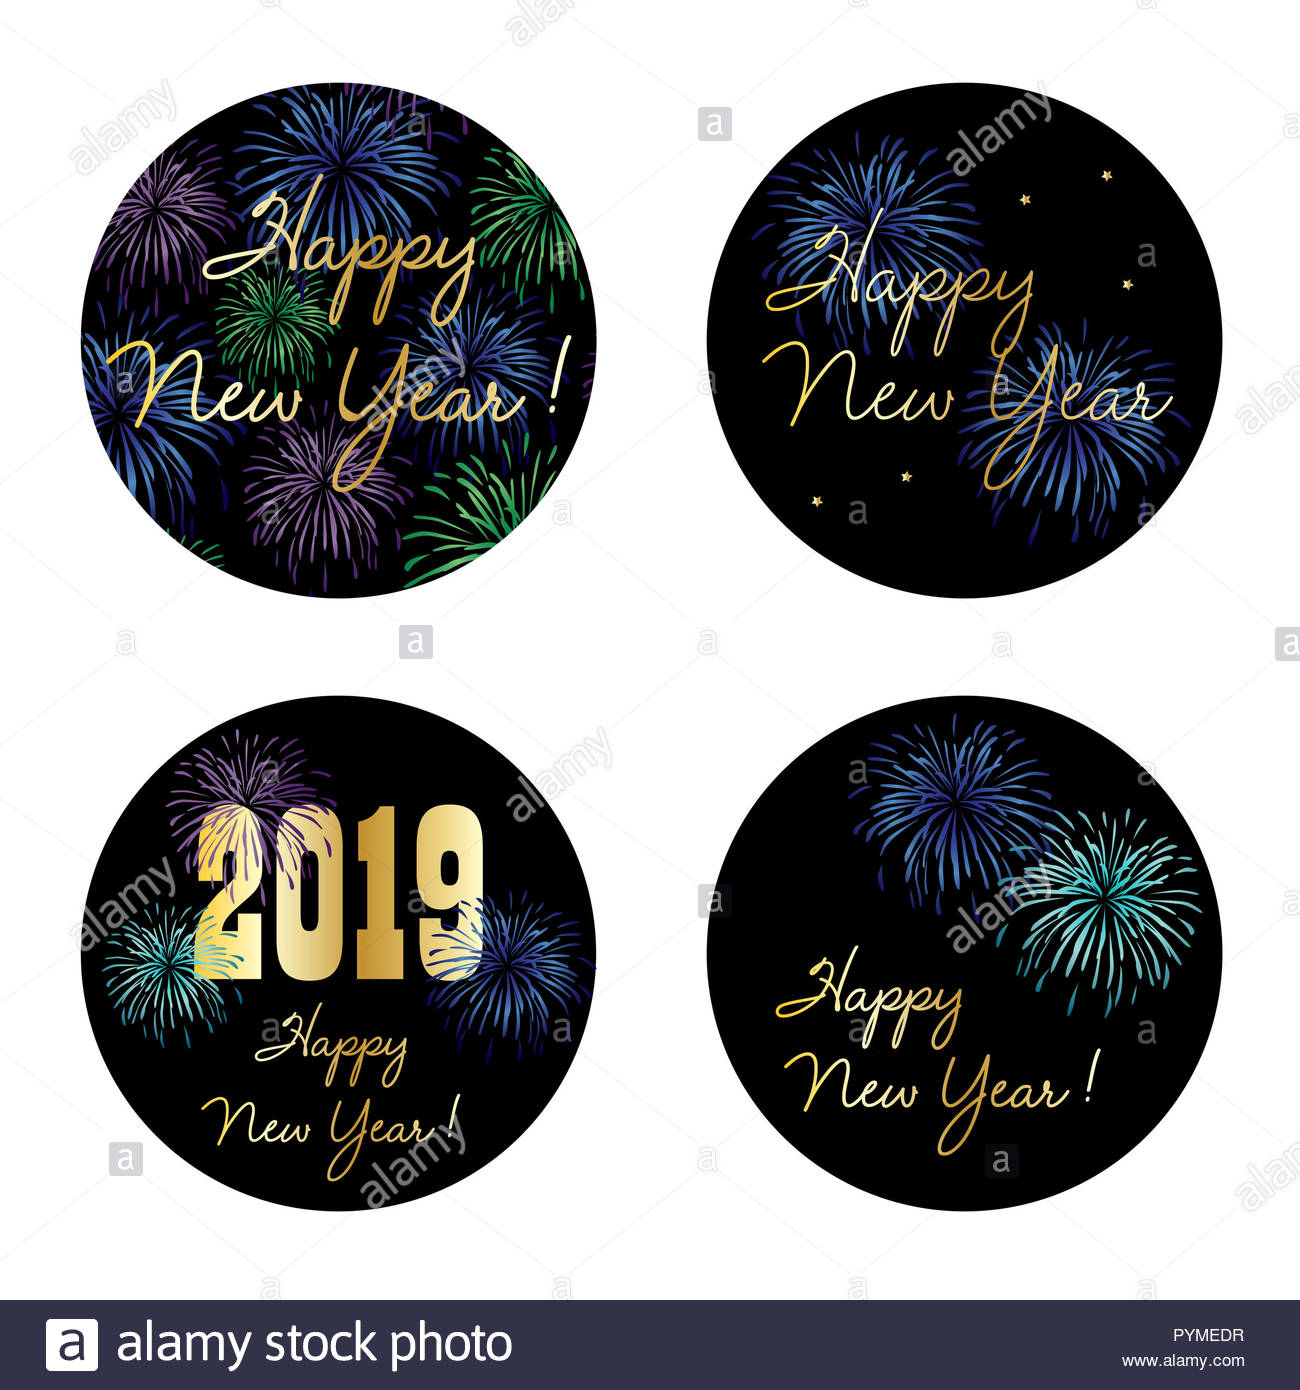 Il veglione di capodanno 2019 cerchio di grafica vettoriale con fuochi d'artificio Immagini Stock